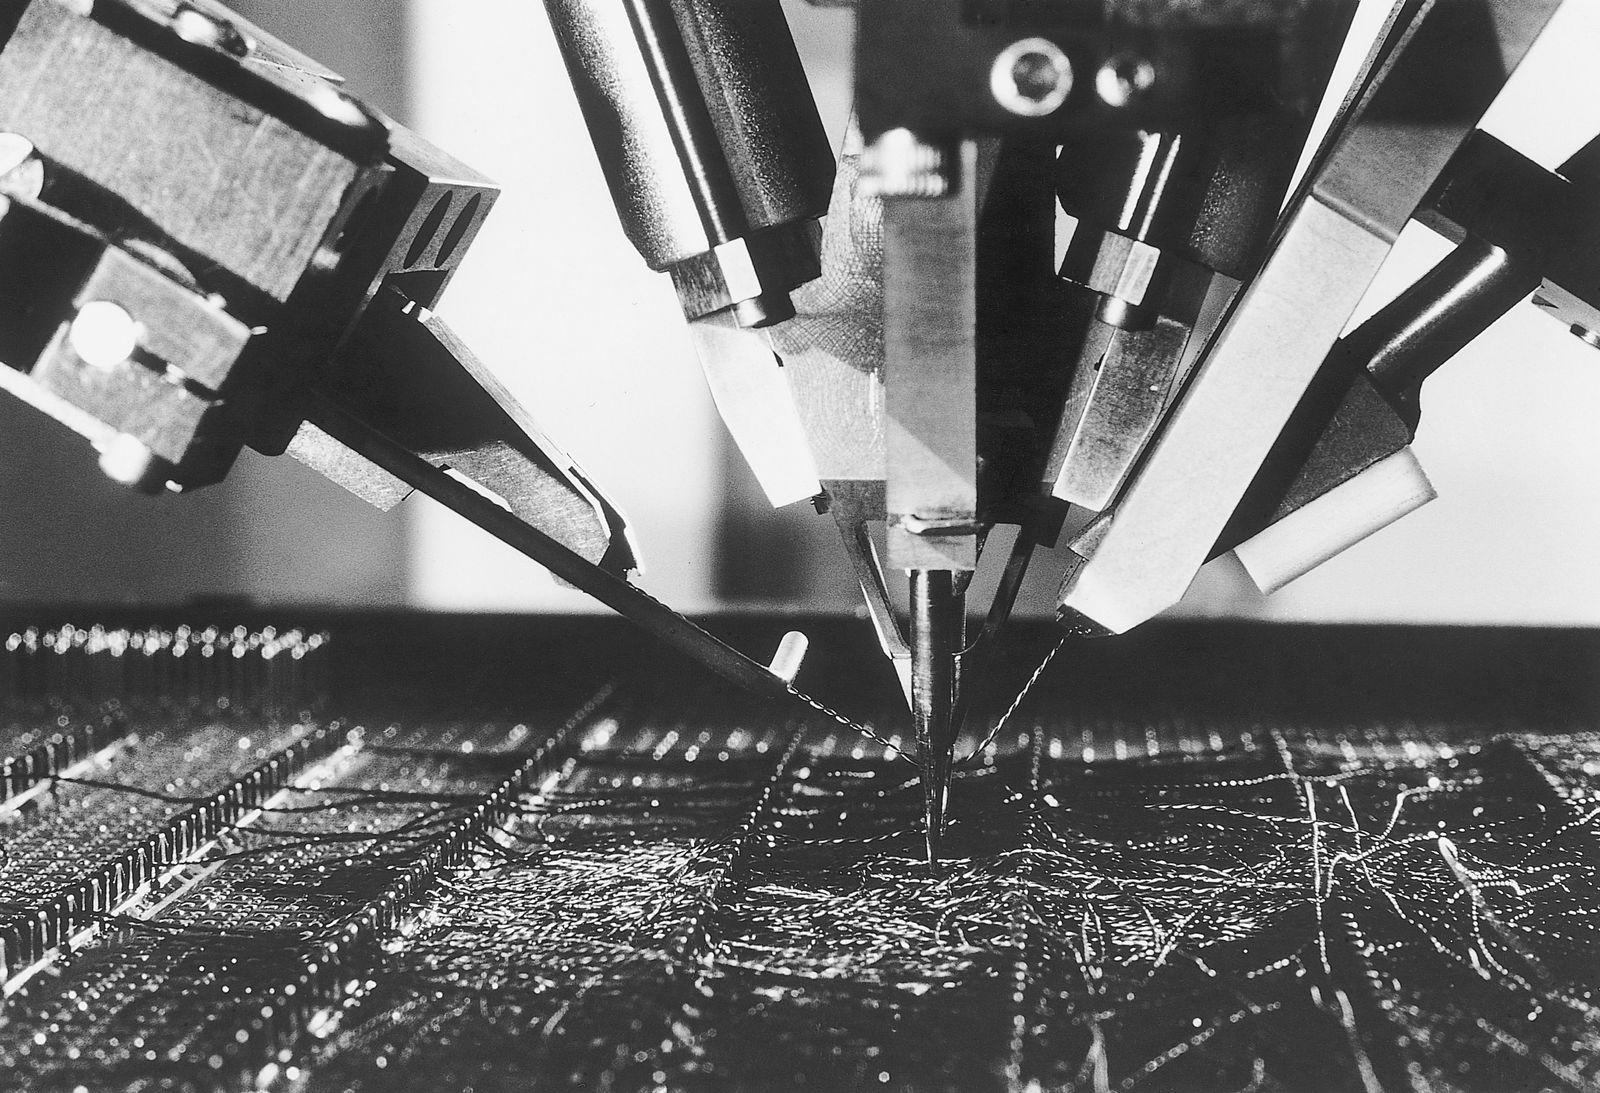 NICHT MEHR VERWENDEN! - Chips/ IBM/ Herstellung/ Prozessor